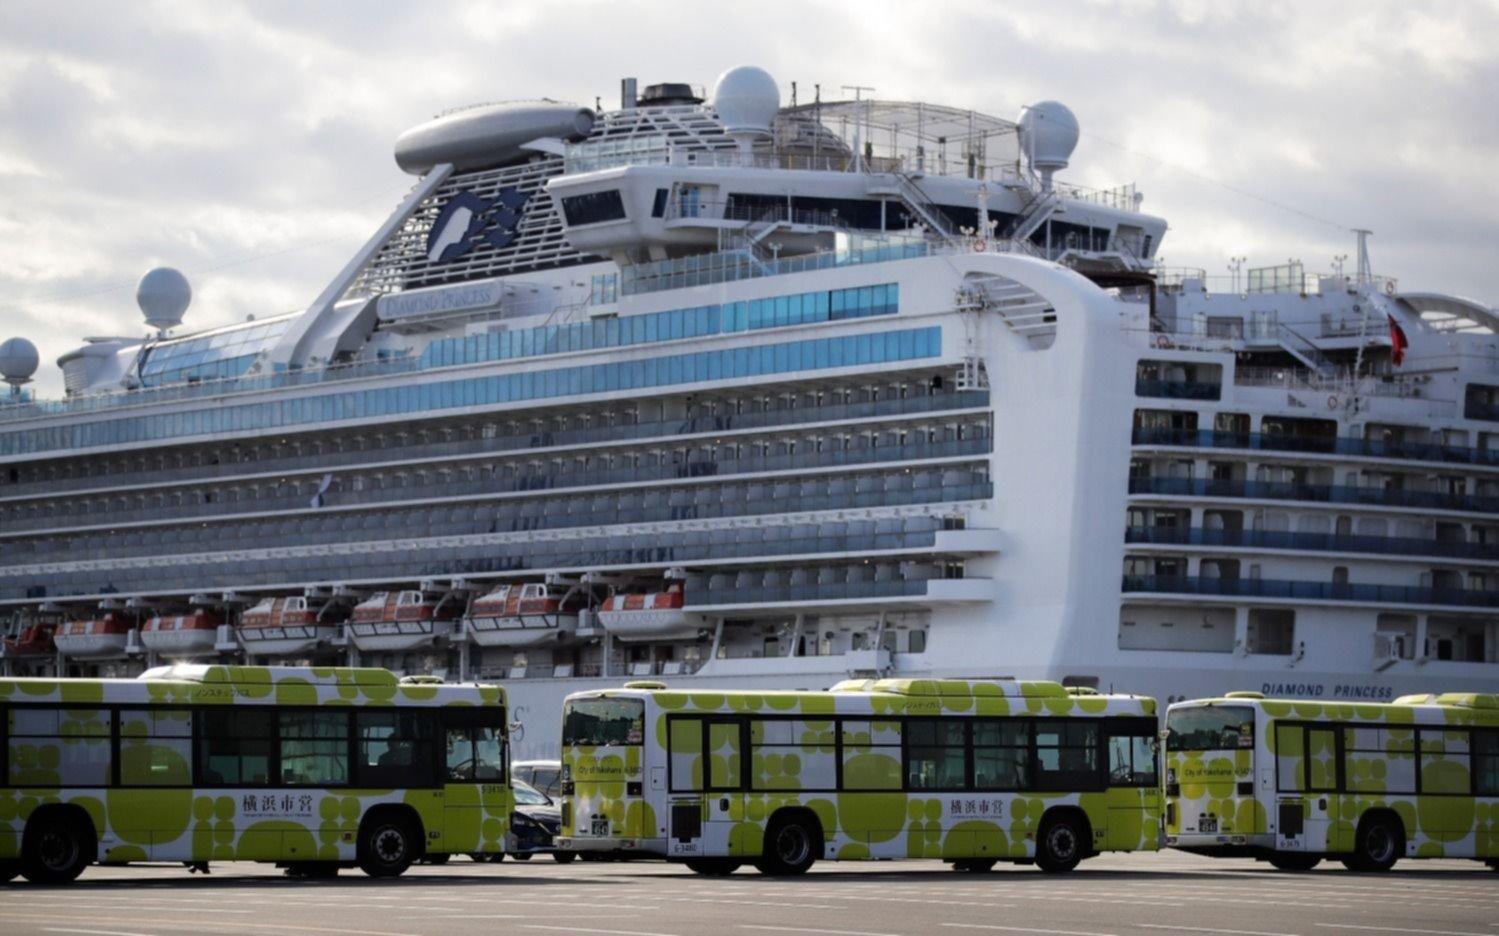 Desembarcan pasajeros del crucero, pero los argentinos siguen adentro